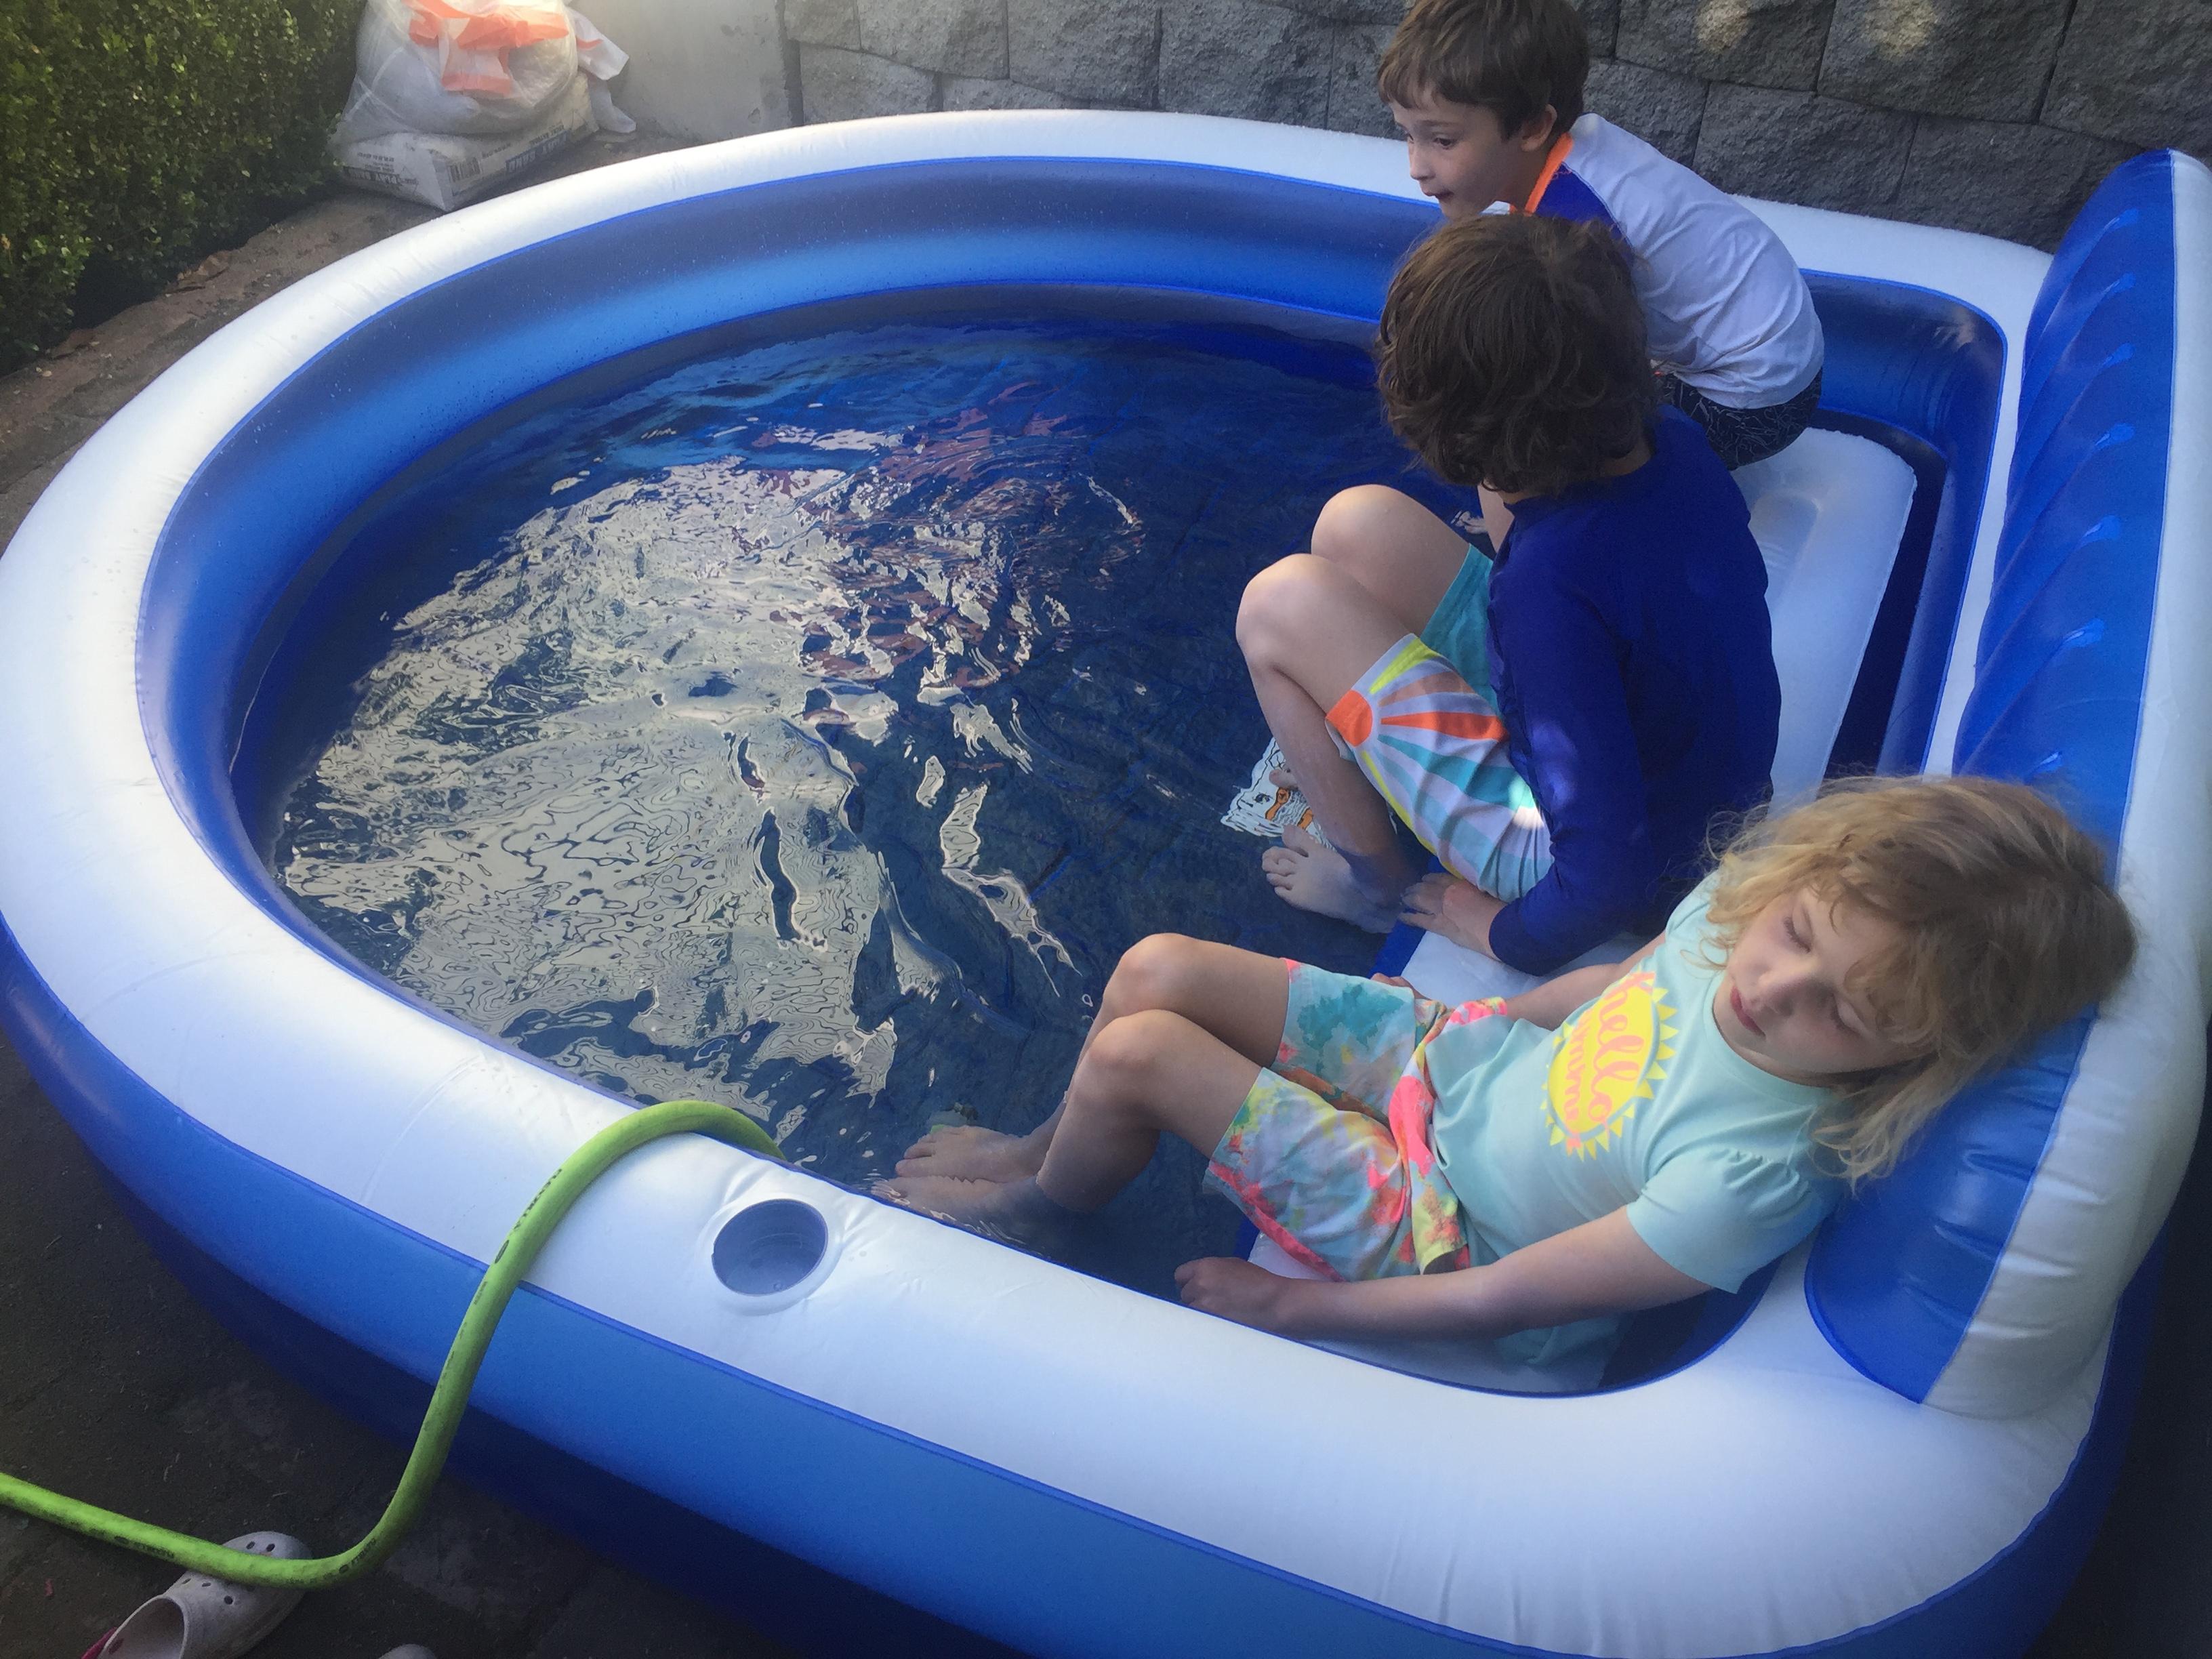 Three kids in one and half foot deep splash pool